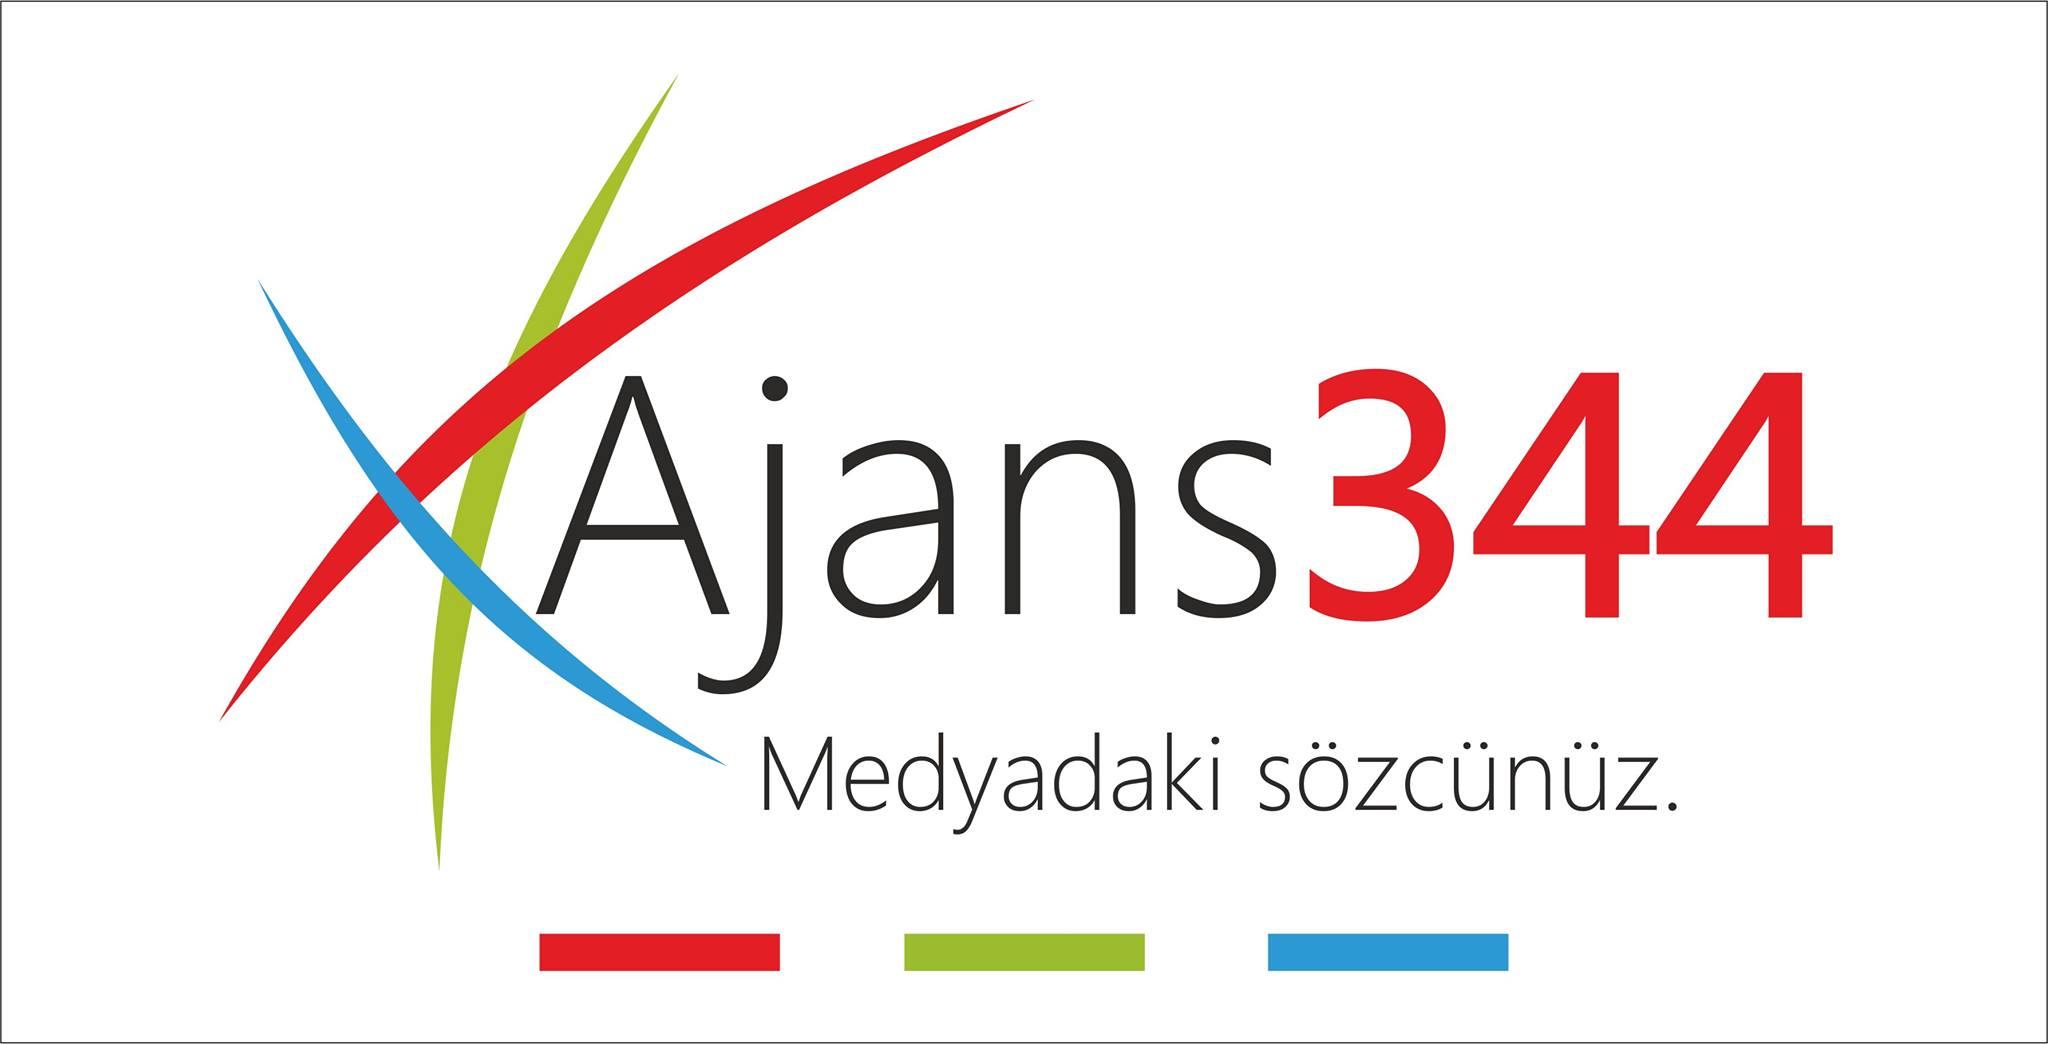 Kahramanmaraş'ın Haber Sitesi